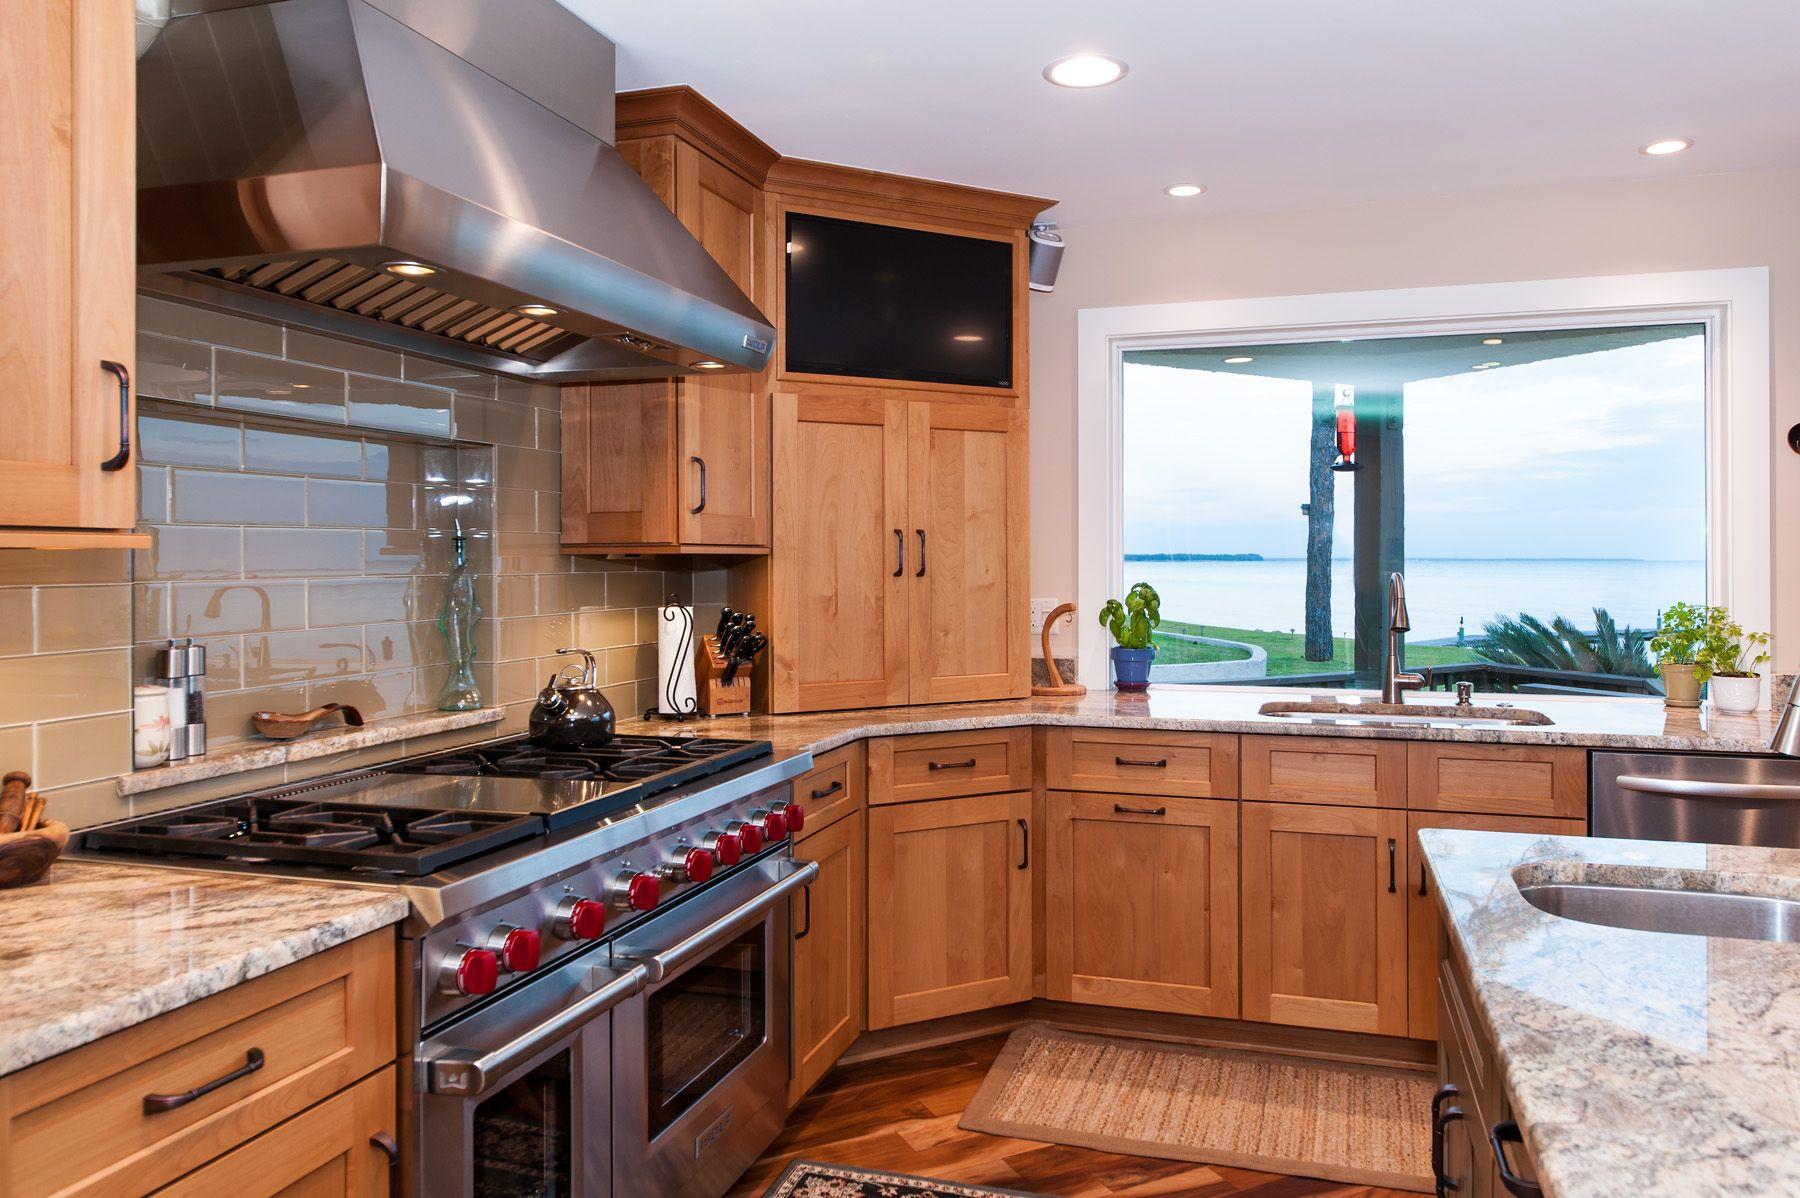 Kitchens Kitchen Renovation Kitchen Cabinet